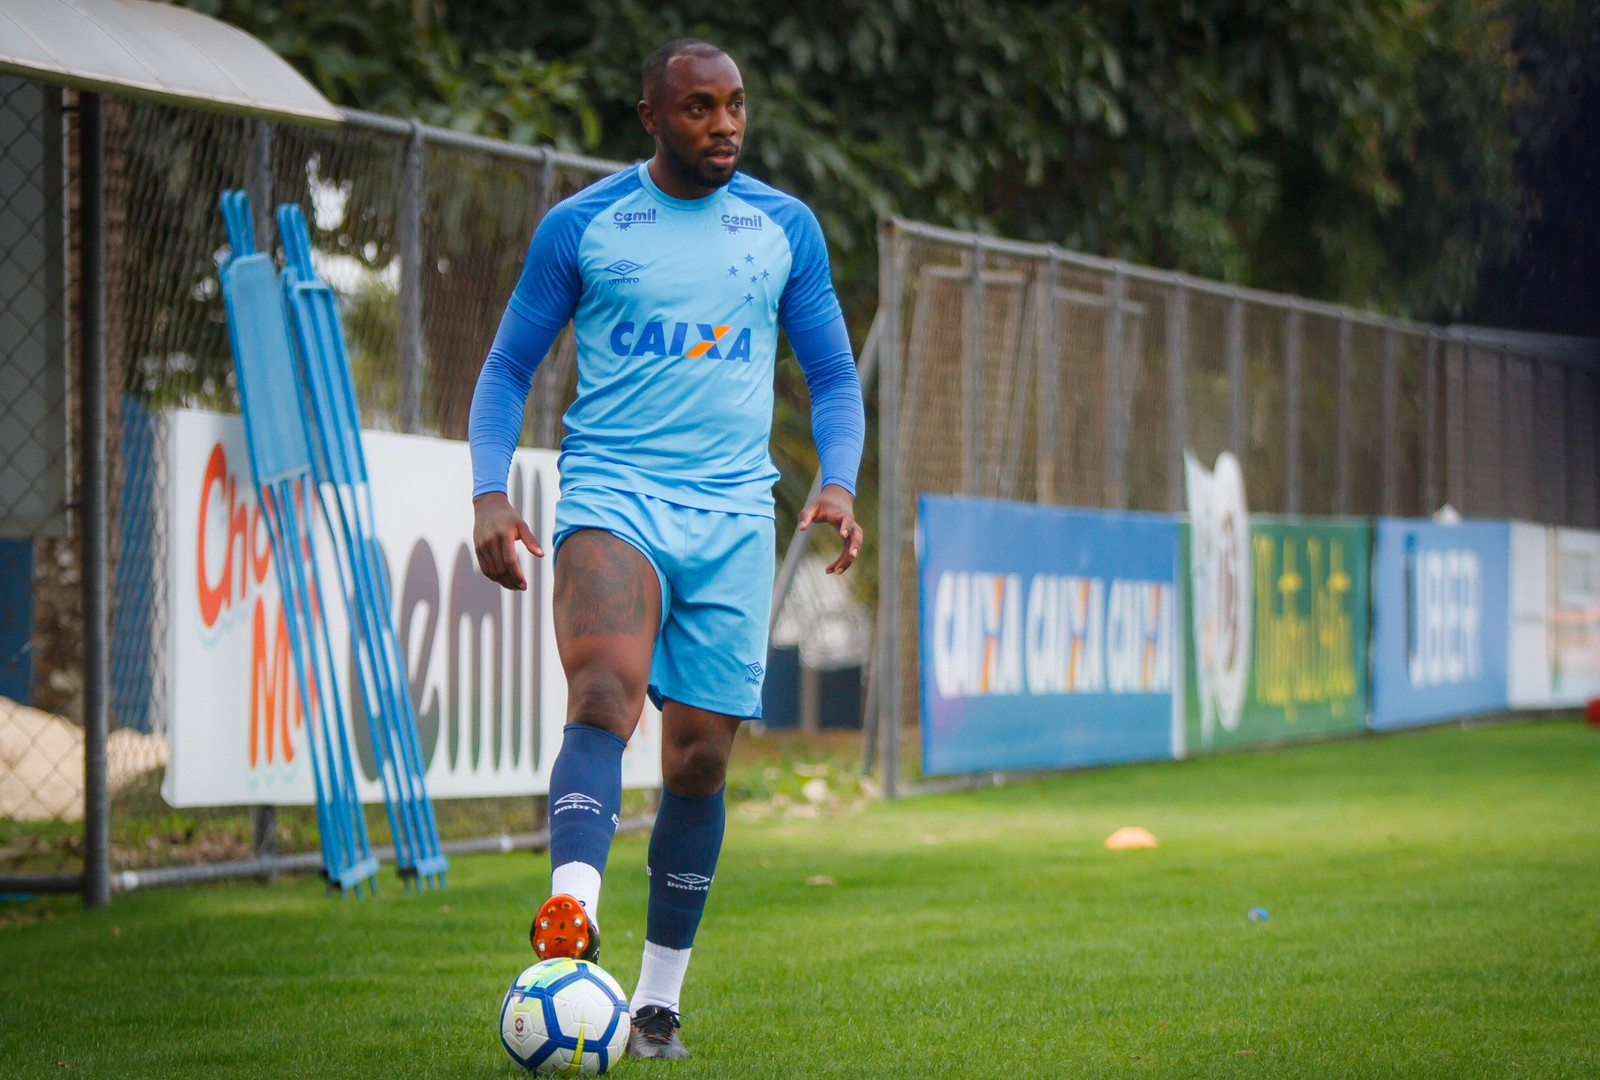 Após lesão em 2017 e poucas chances em 2018, Manoel tem futuro incerto no Cruzeiro